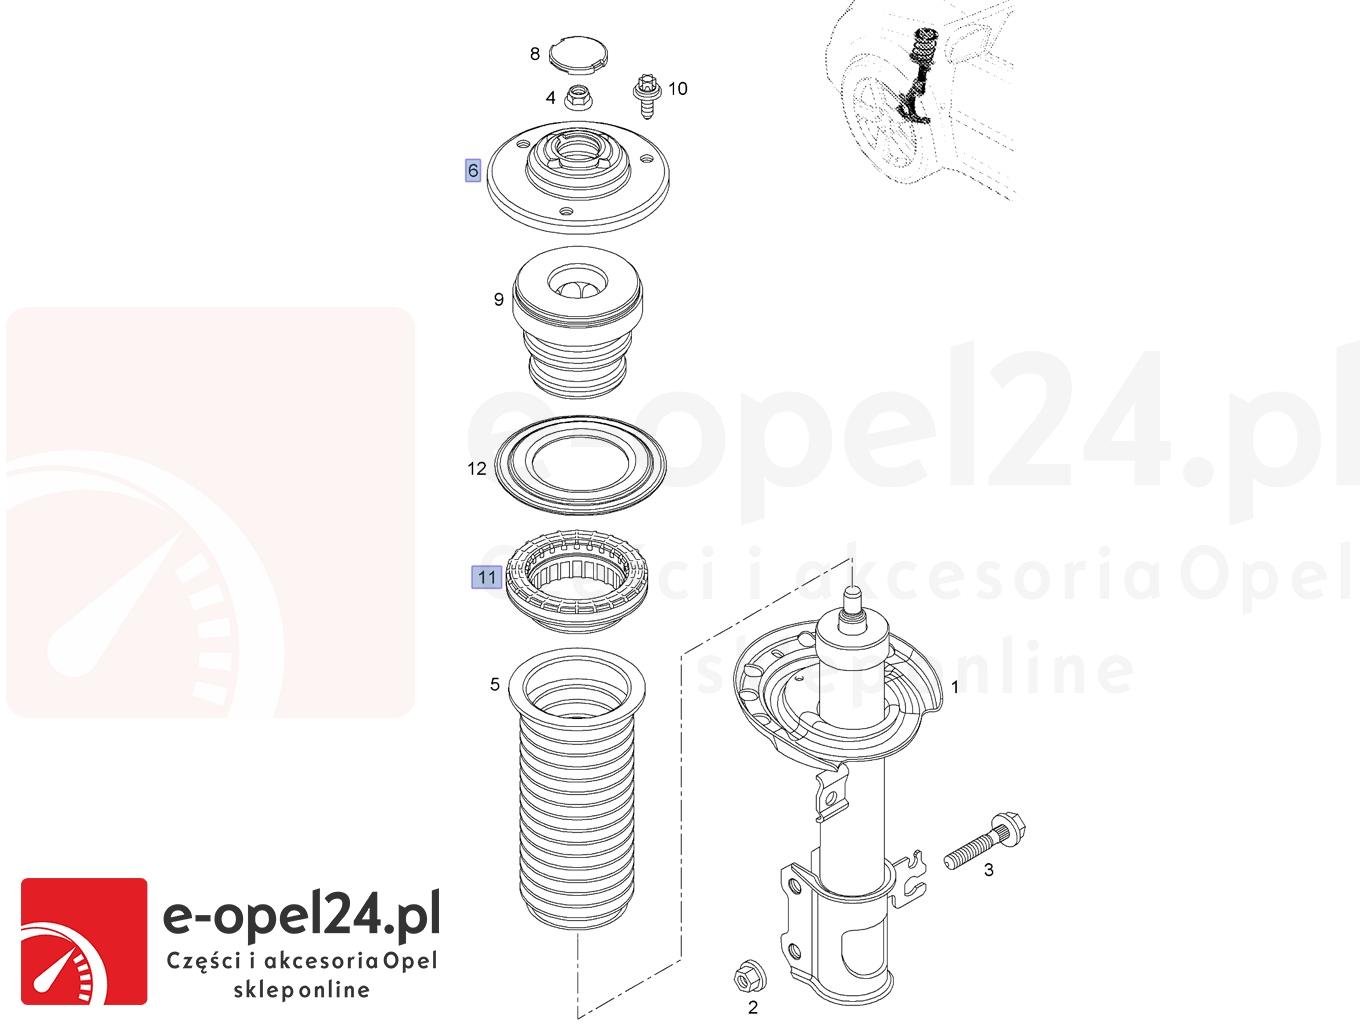 Zestaw Poduszka łożysko Amortyzatora Opel Vectra C Signum 344537 13188763 344665 13270705